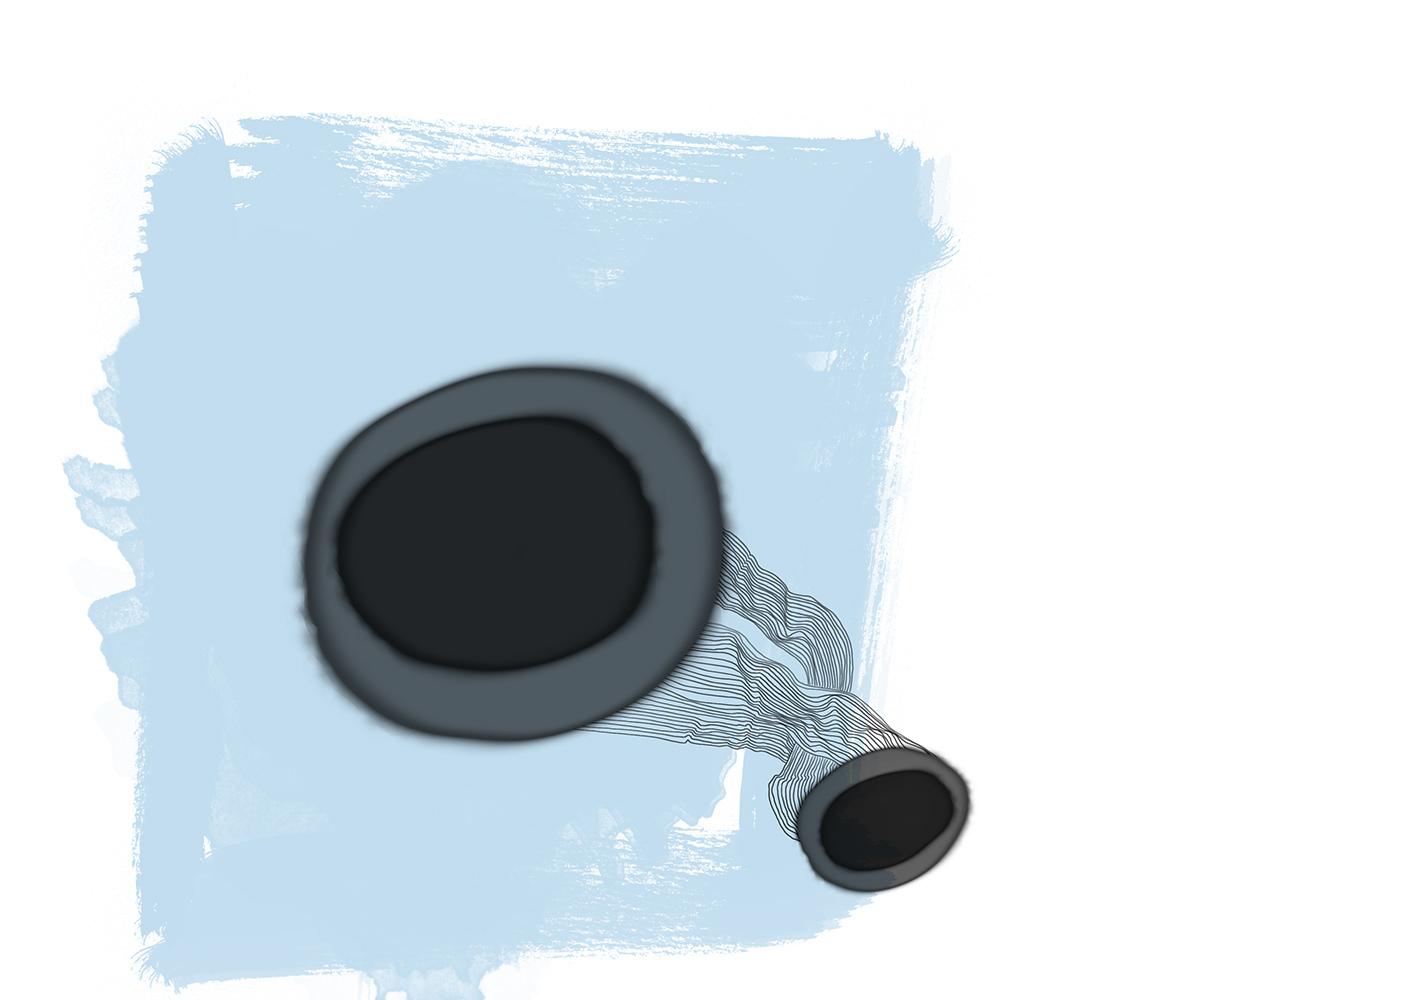 hellblau mit zwei schwarzen bällen